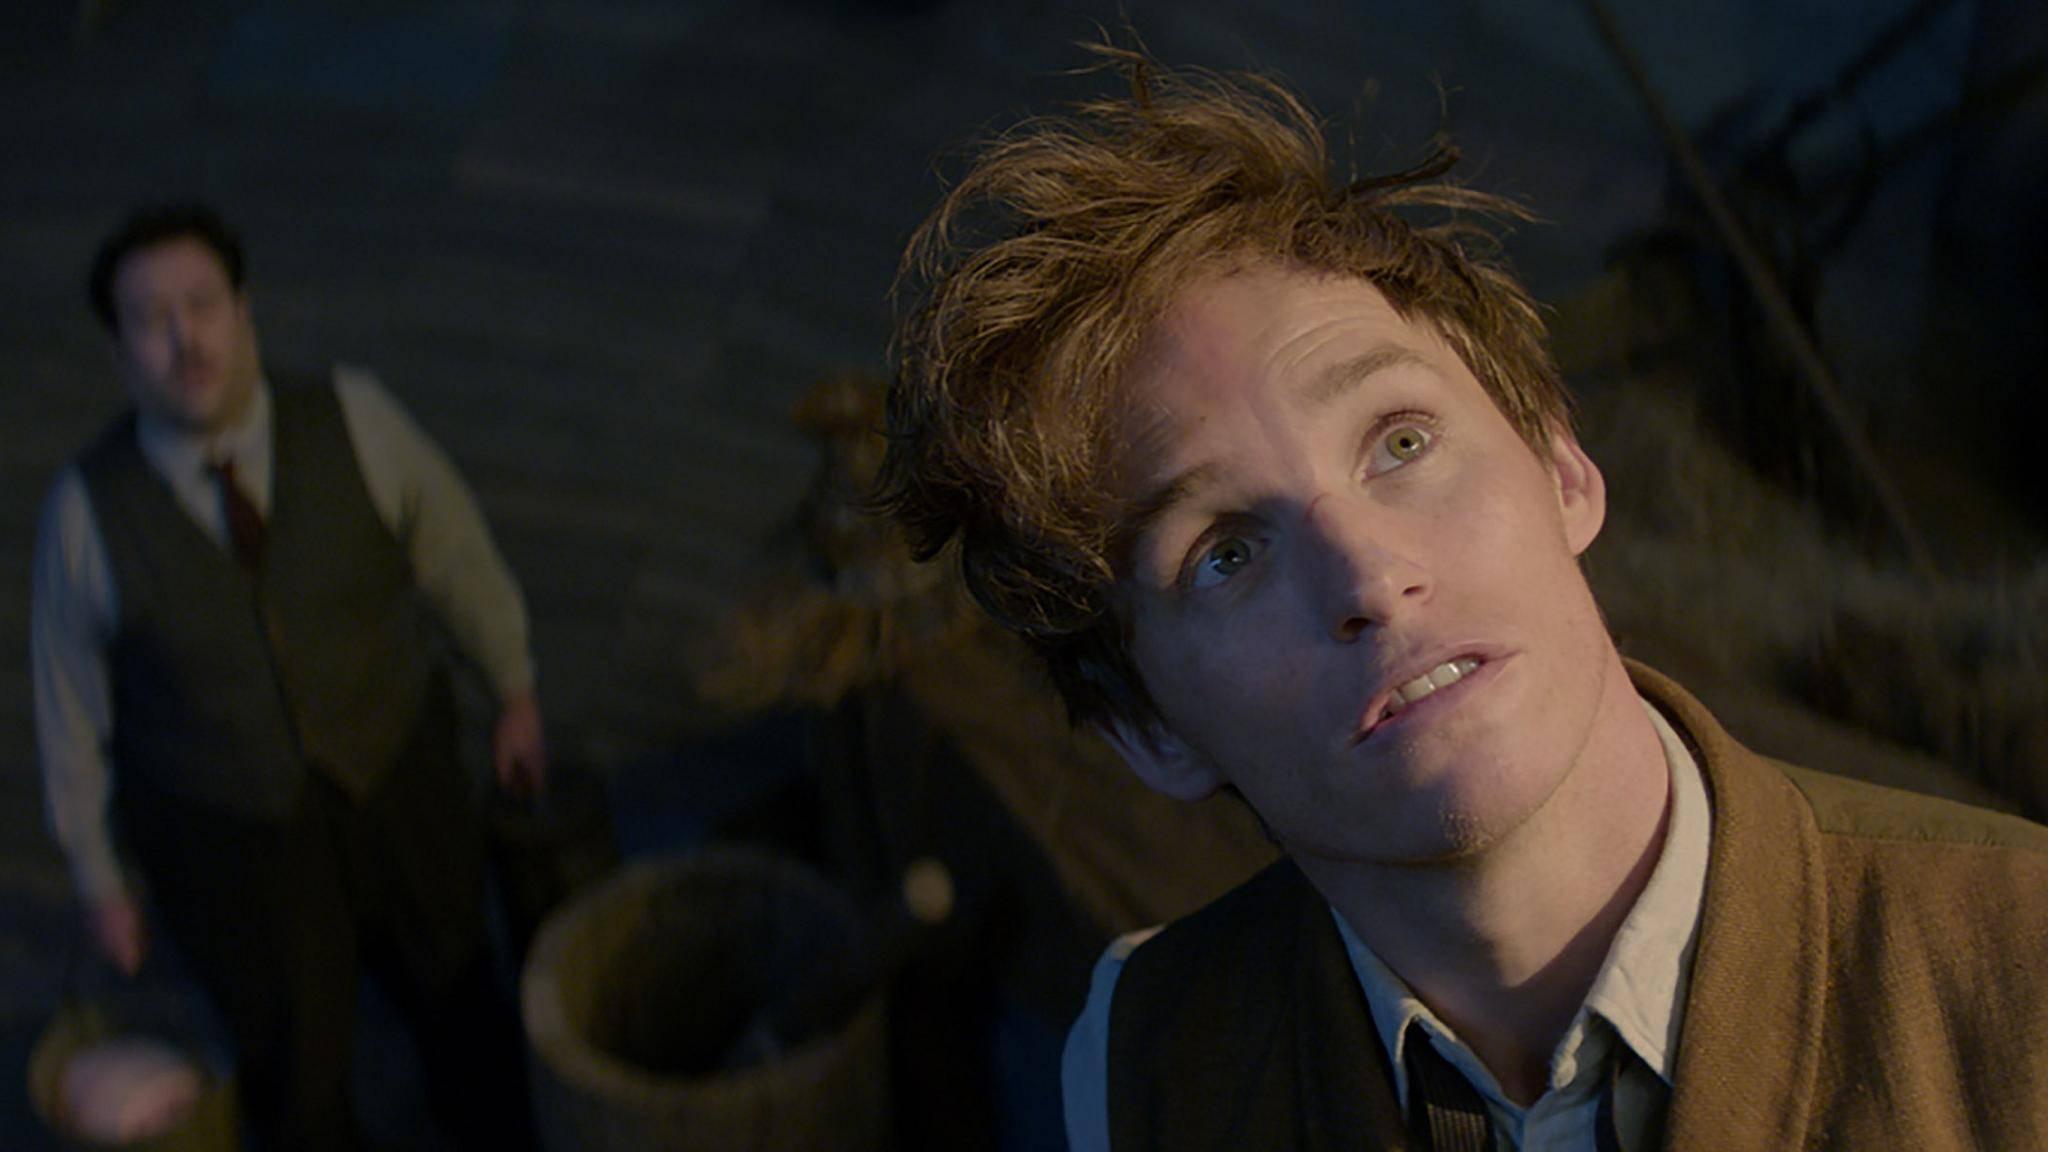 """Überraschung! Gibt es einen ersten Trailer zu """"Phantastische Tierwesen 2""""?"""